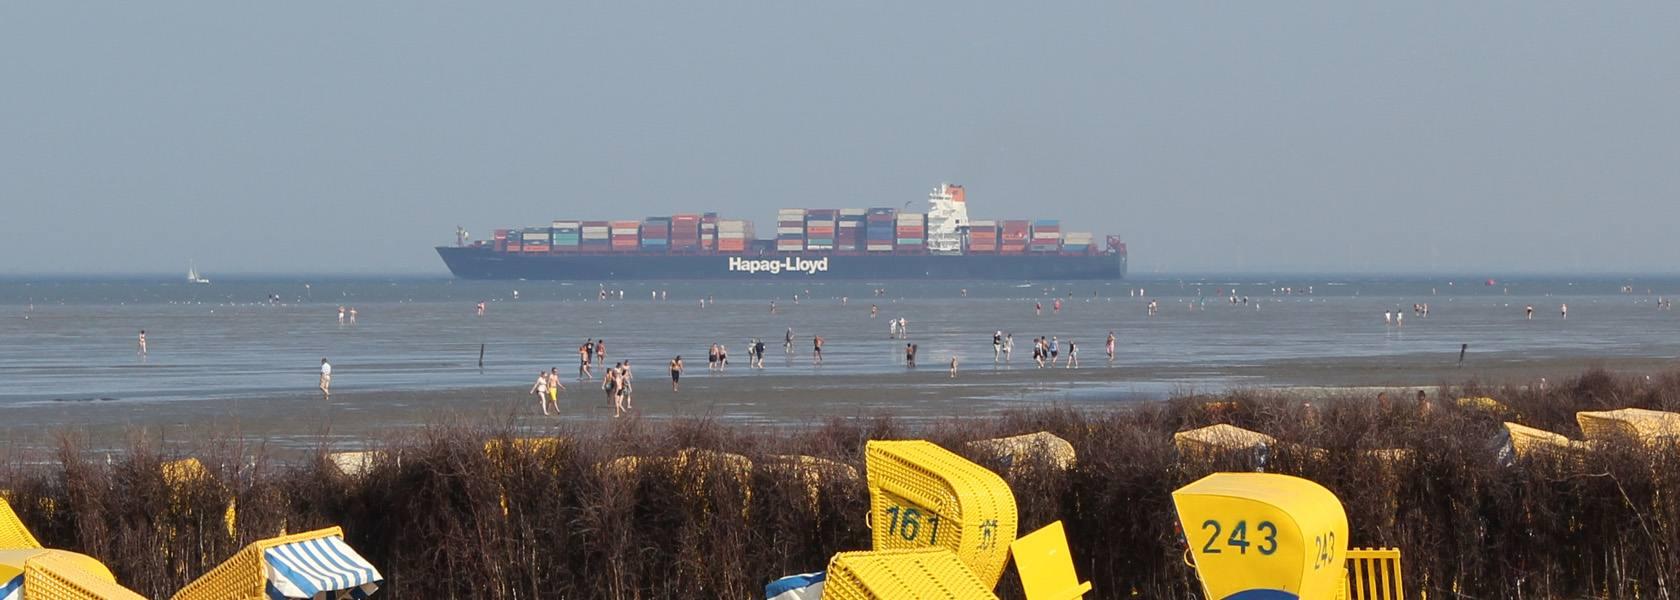 Schiffe beobachten Duhnen, © Die Nordsee GmbH, Katja Benke